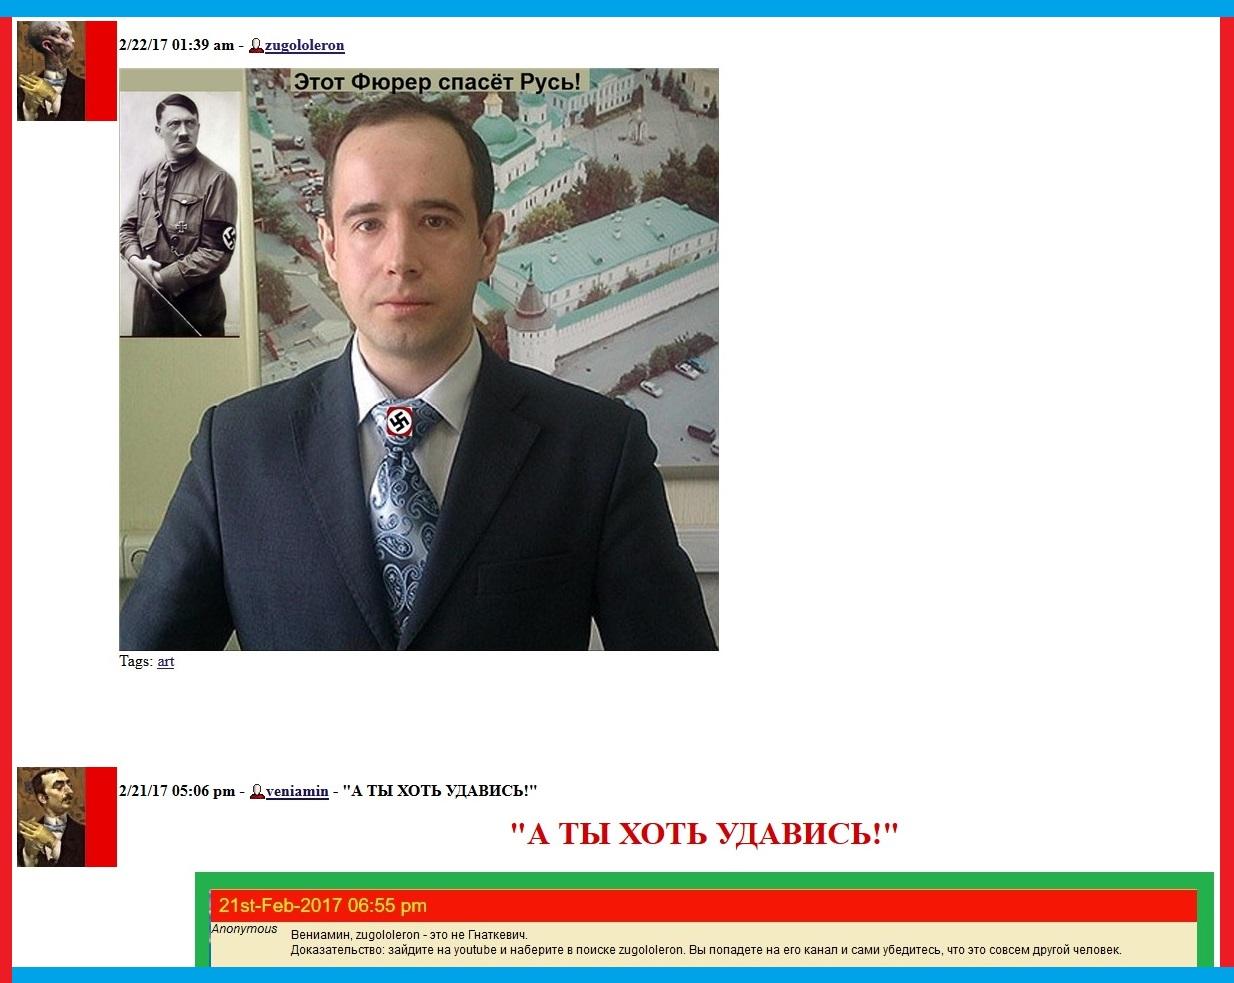 Гнаткевич, Жиголо, Дурак, ЛЖР, Провокация,(2)